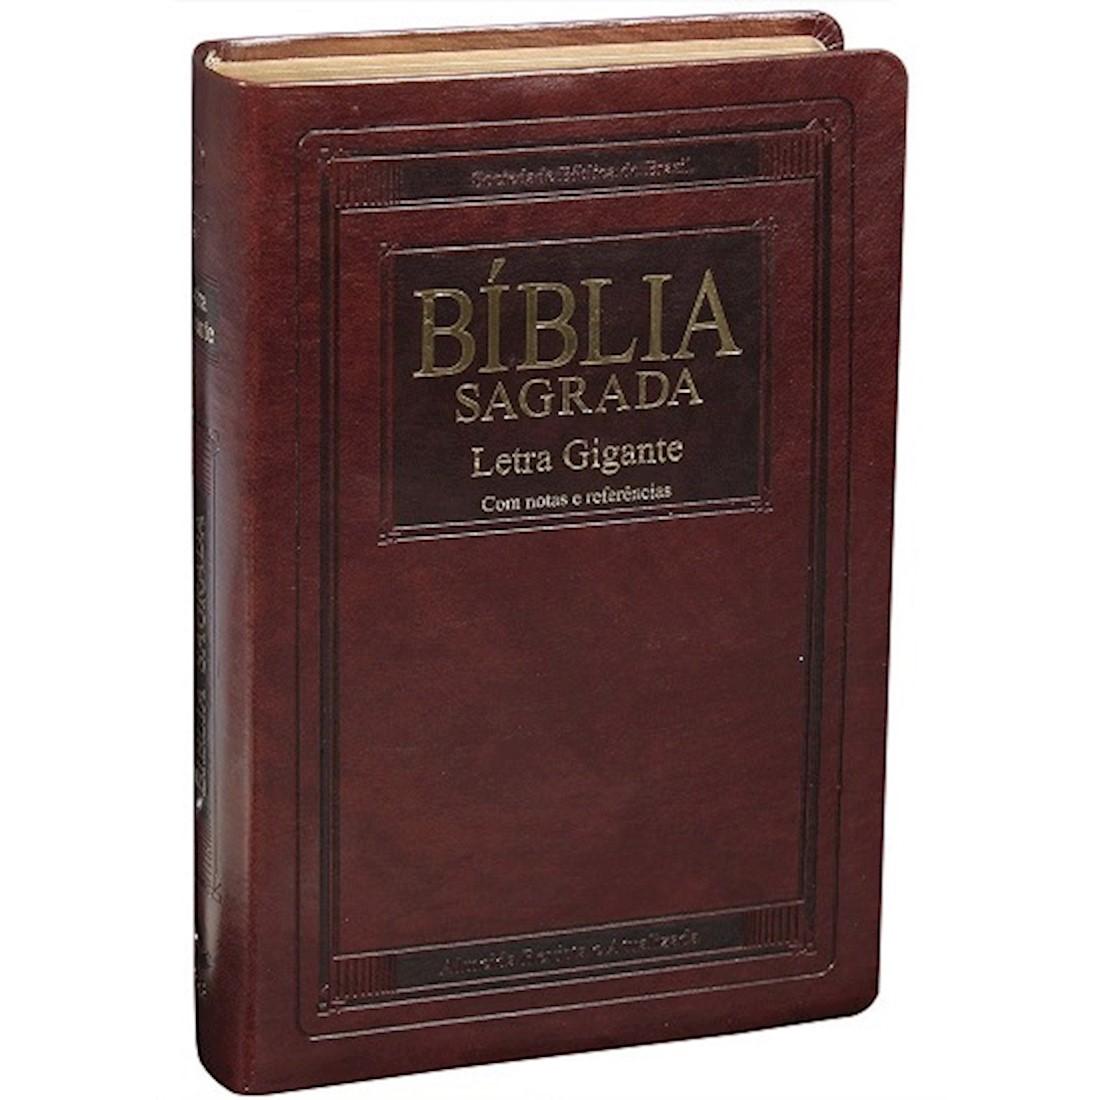 Bíblia Sagrada Letra Gigante Almeida Revista e Atualizada